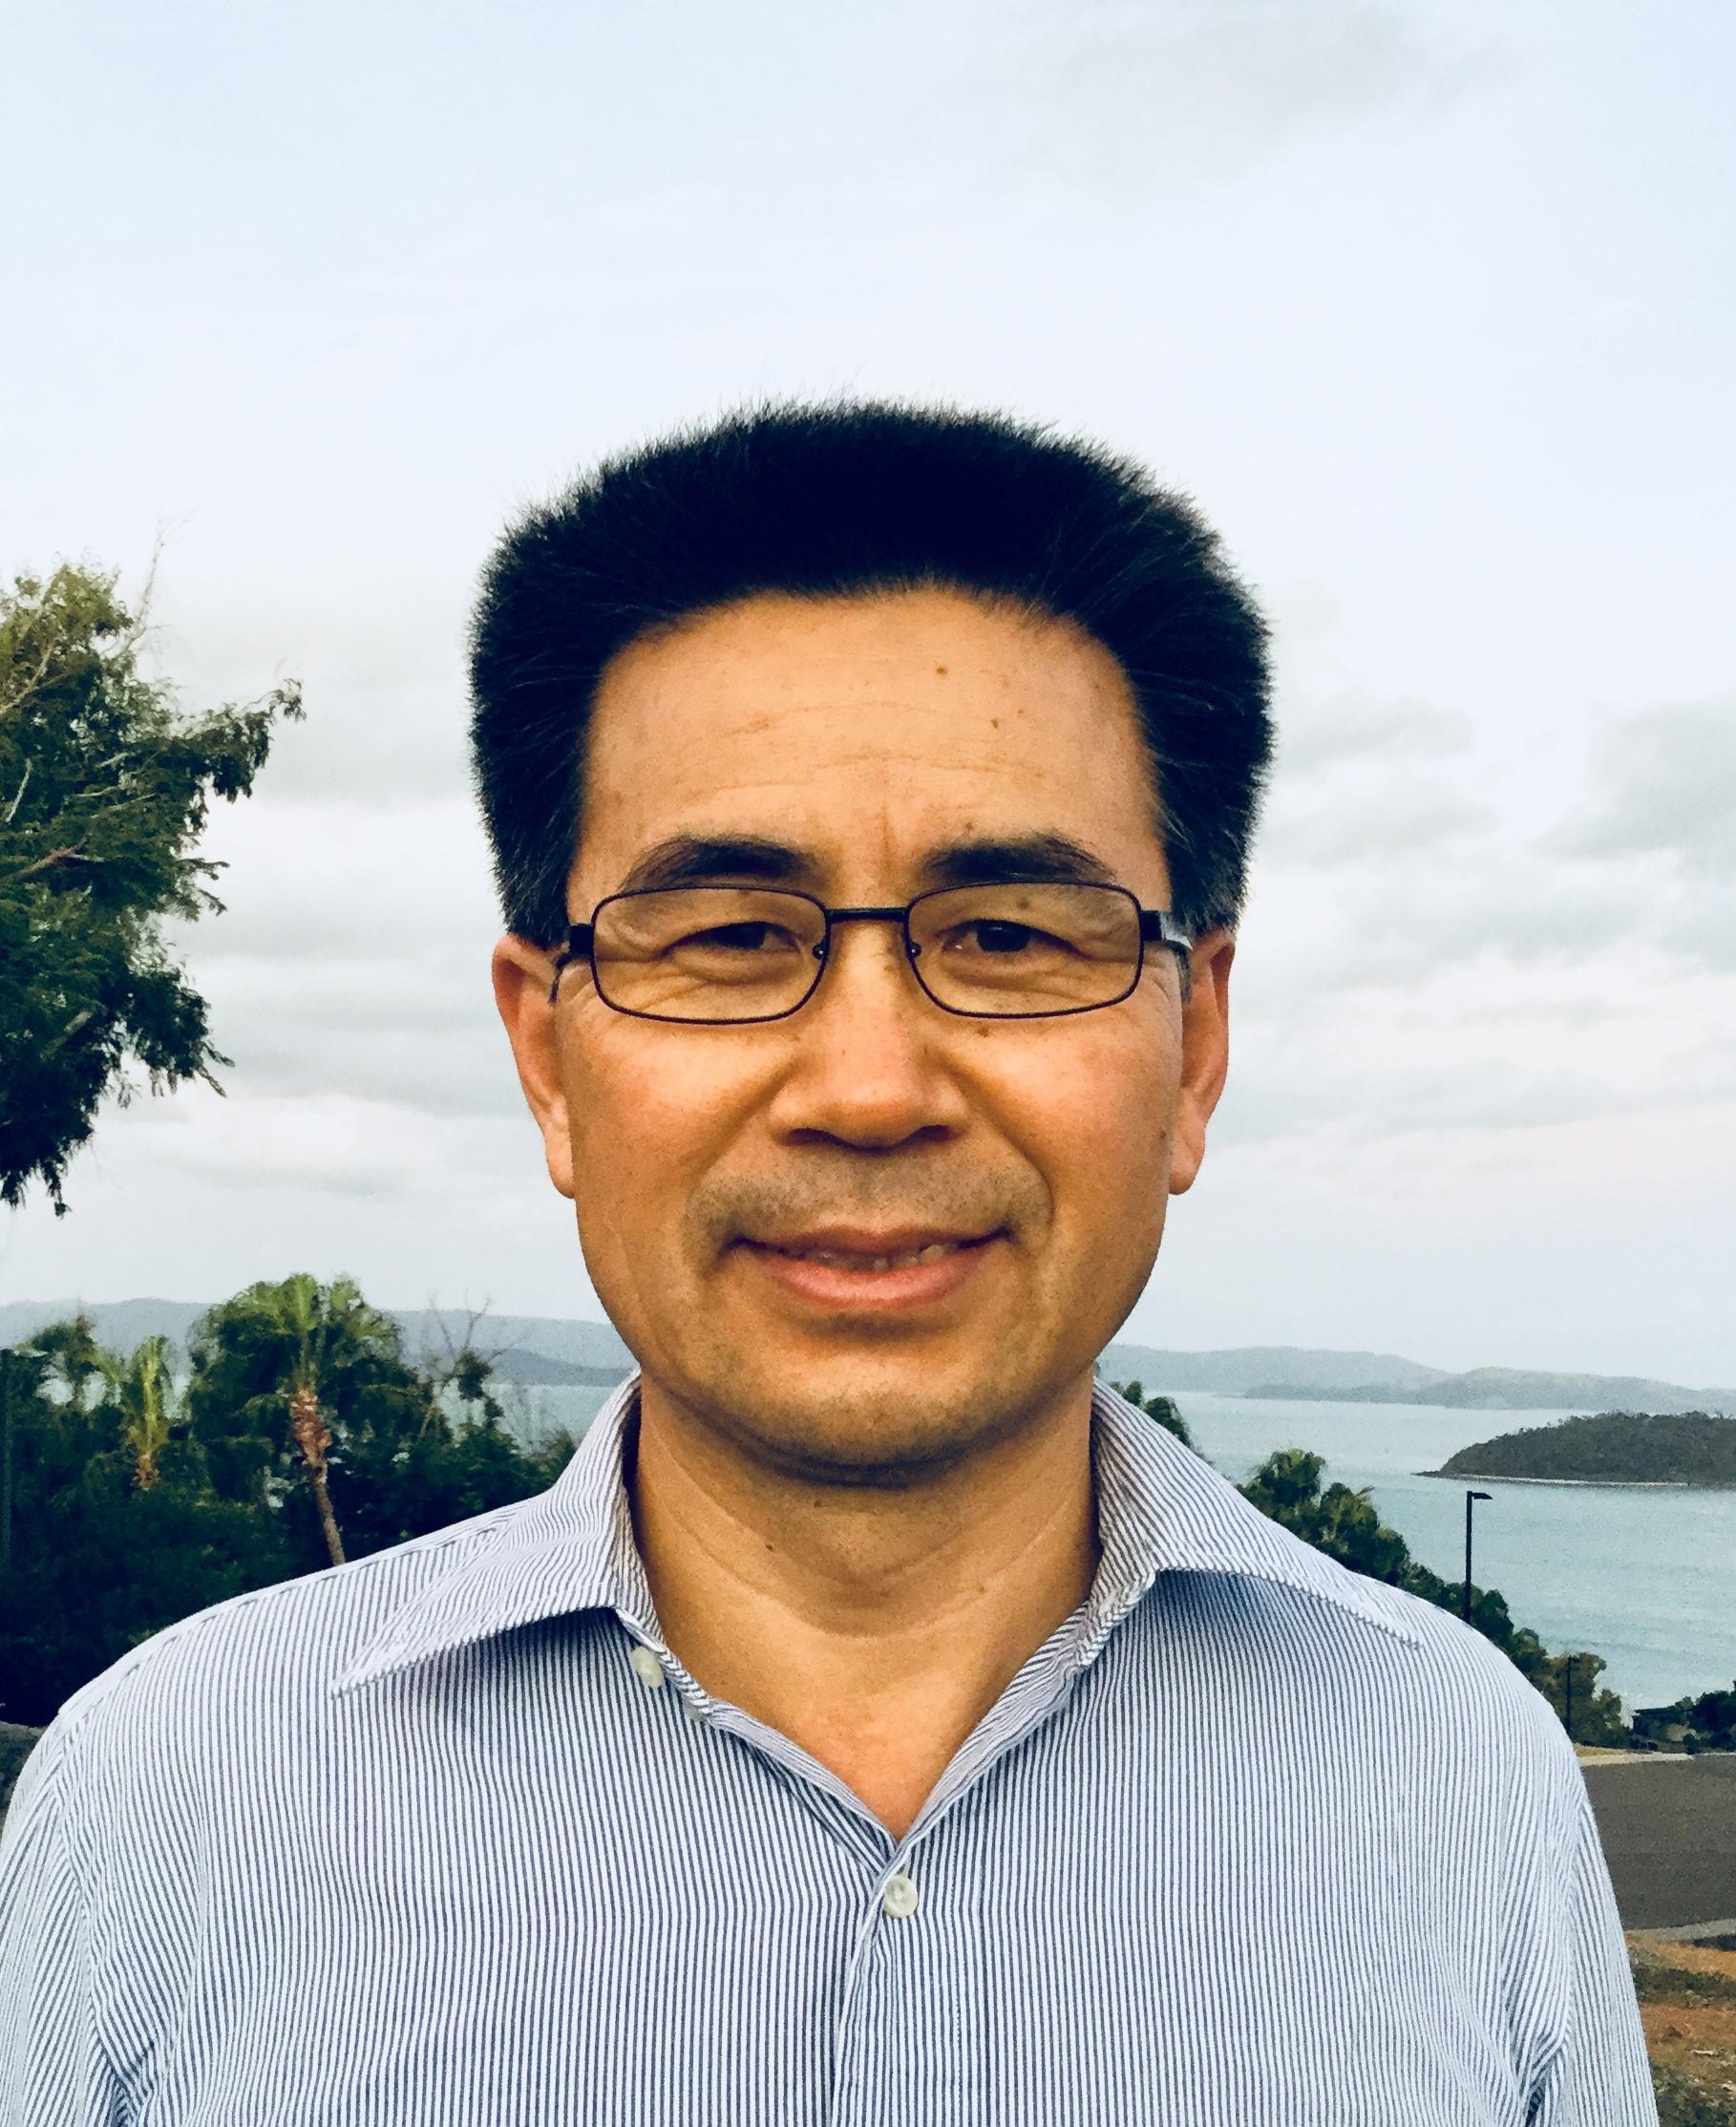 Shanlin Fu